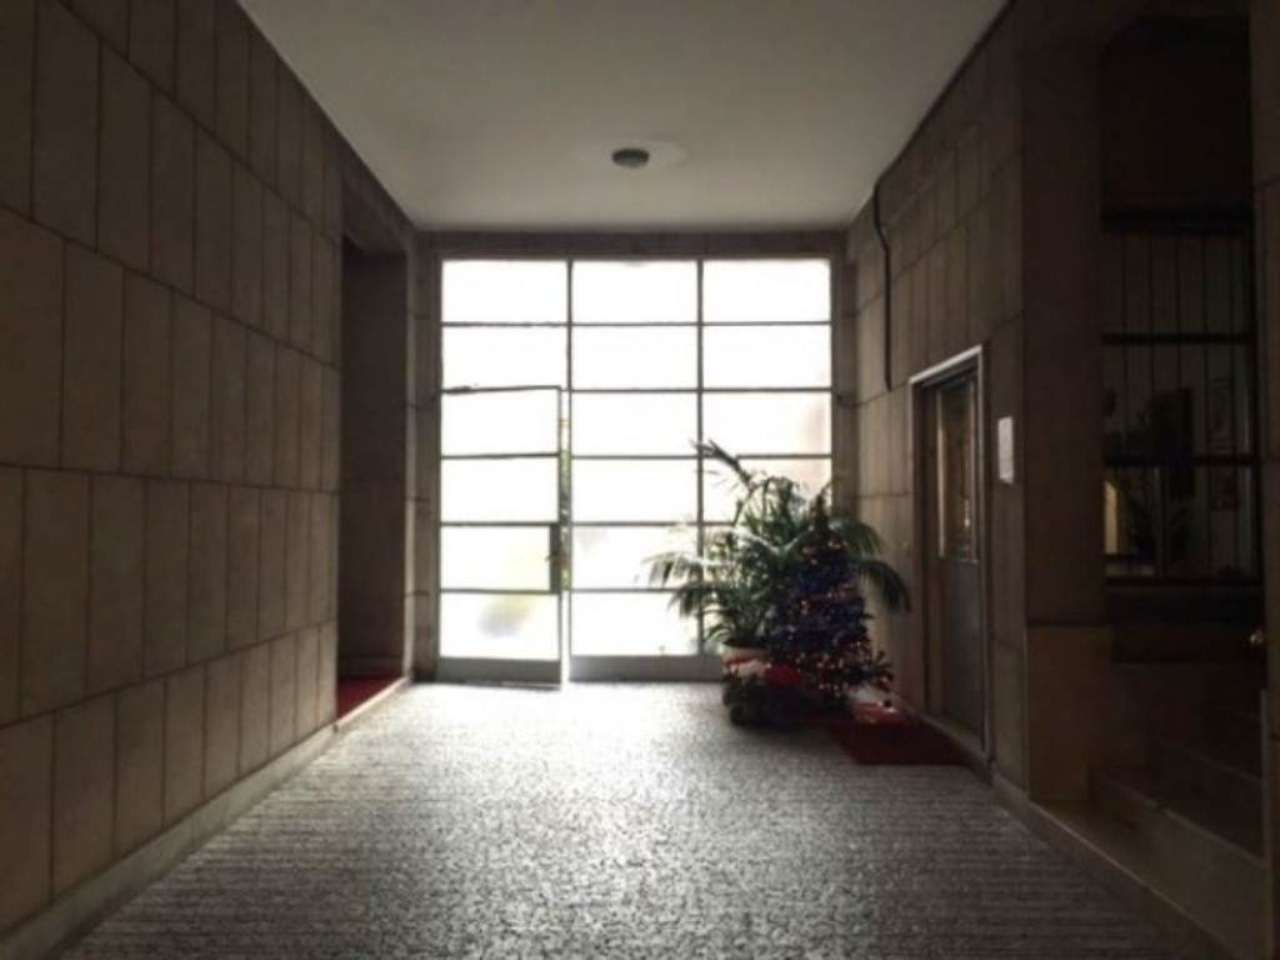 Laboratorio in affitto a Milano, 6 locali, zona Zona: 1 . Centro Storico, Duomo, Brera, Cadorna, Cattolica, prezzo € 1.925 | CambioCasa.it